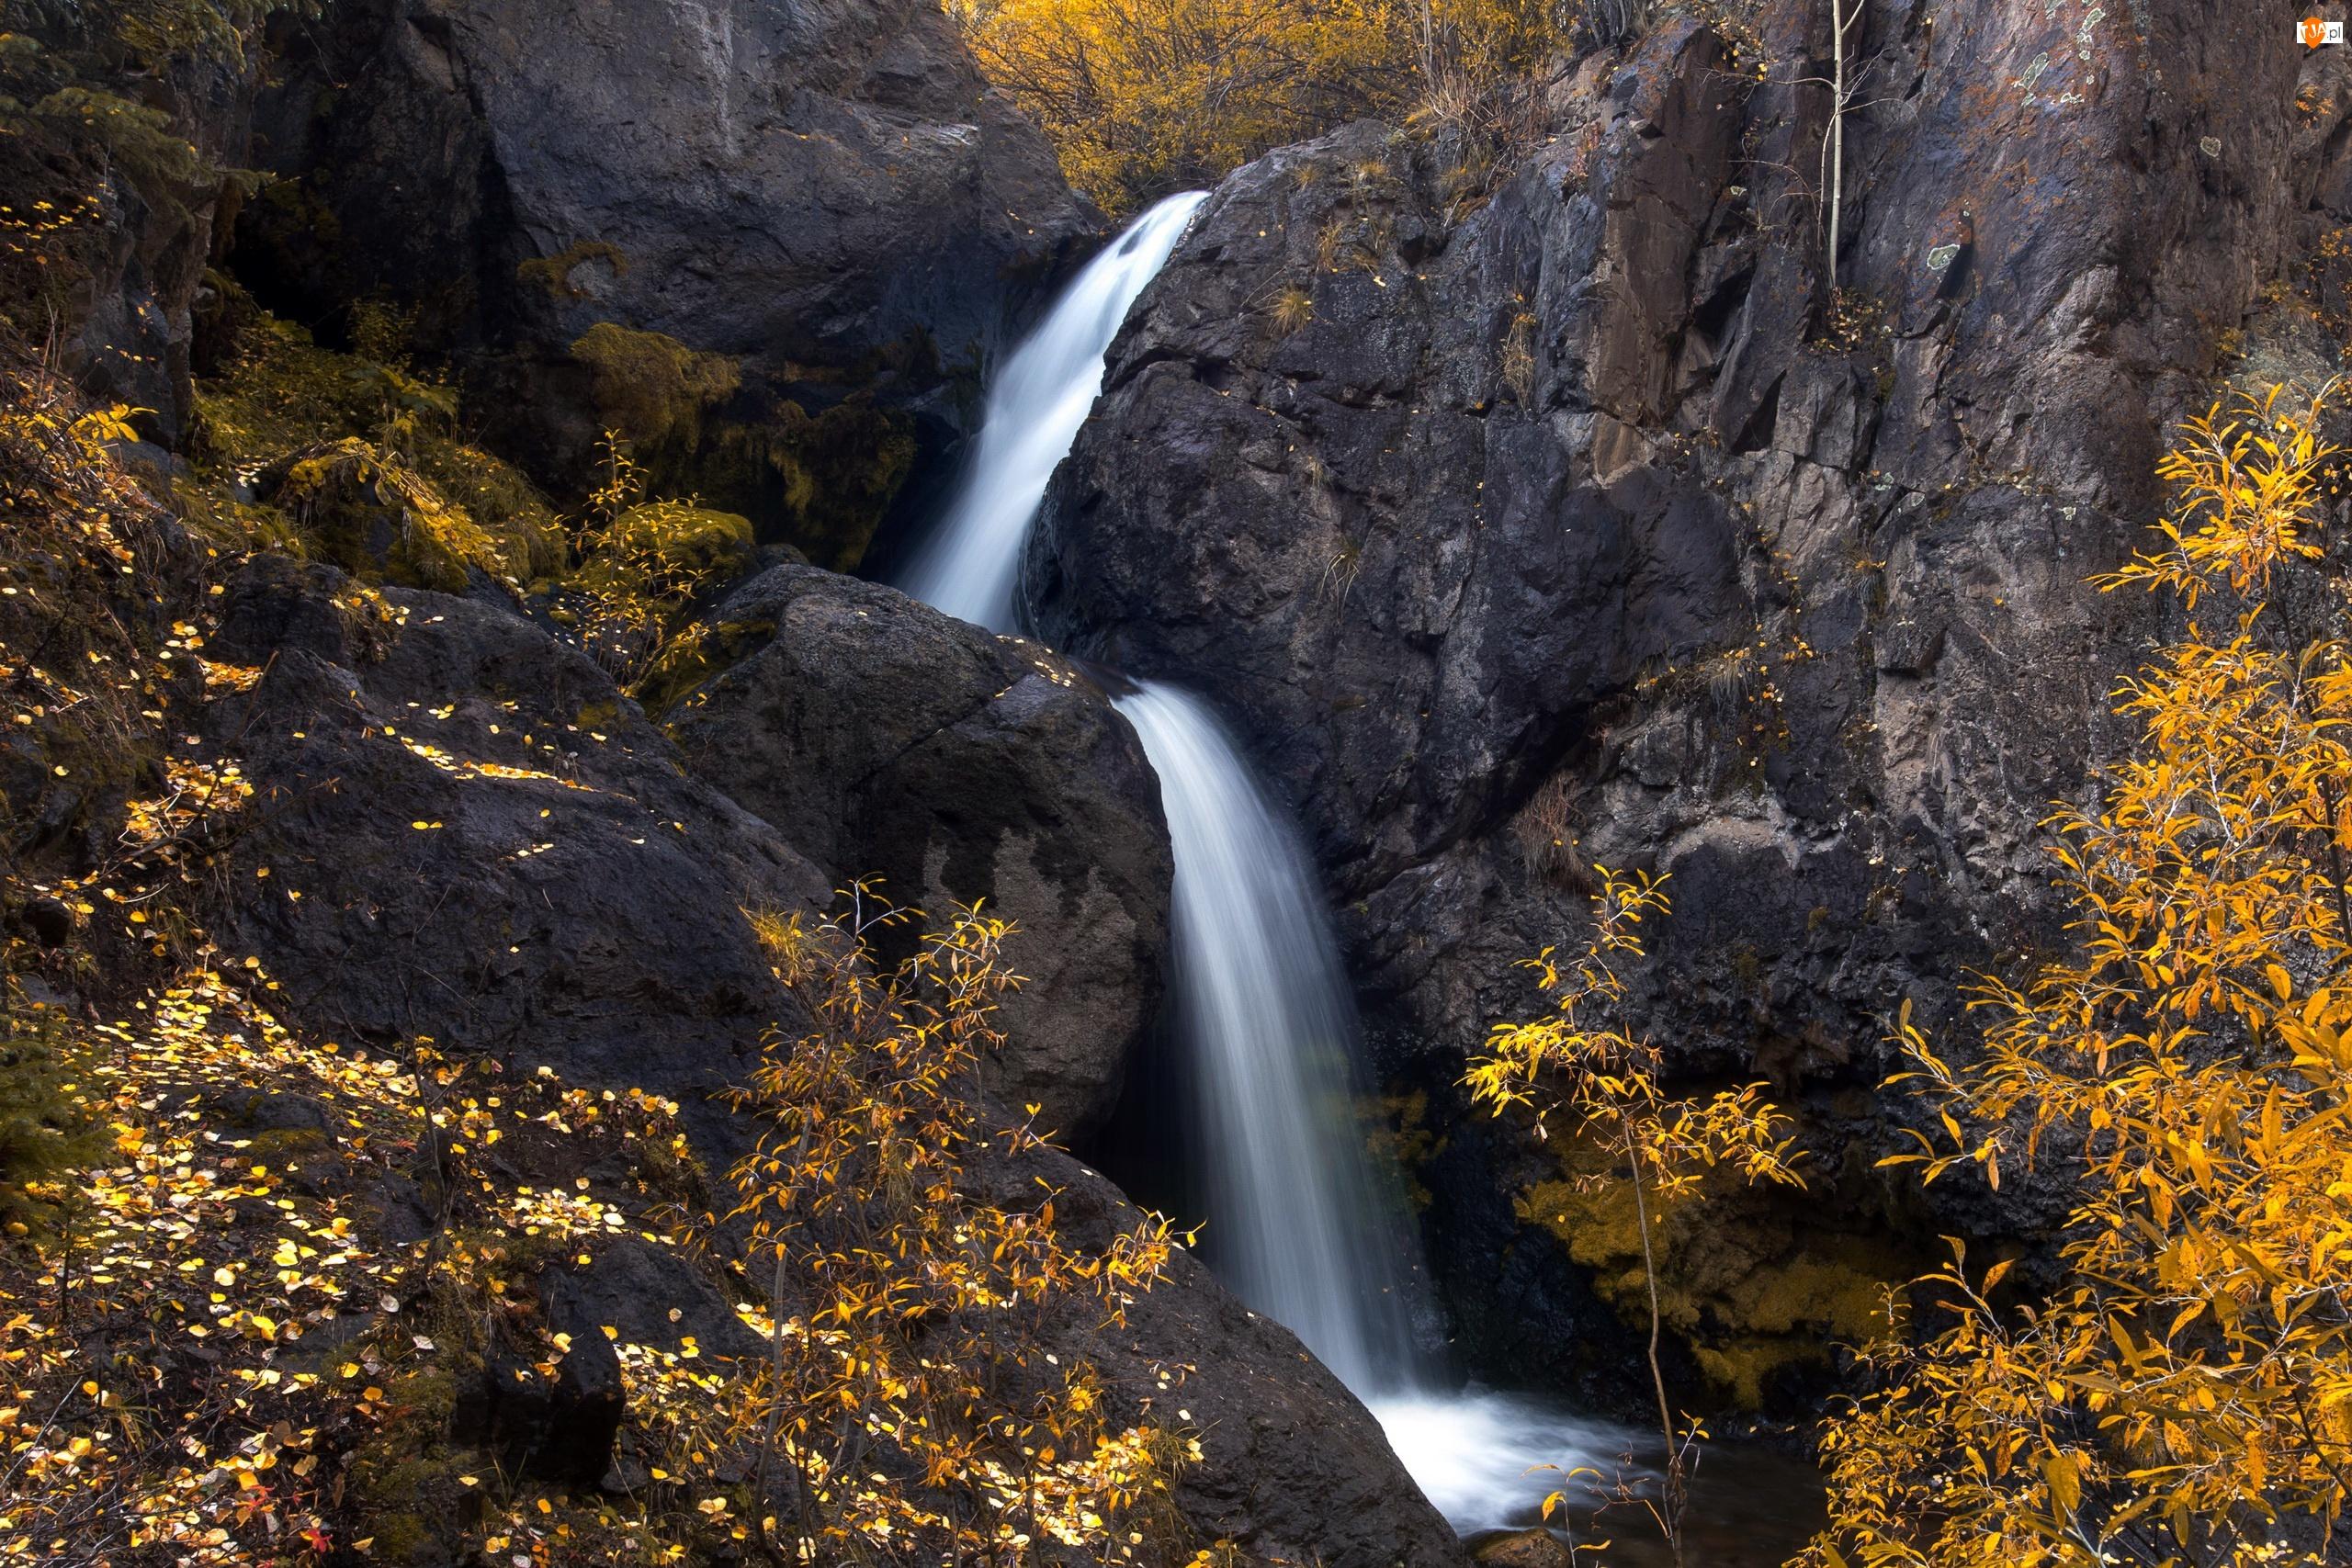 Drzewa, Stany Zjednoczone, Wodospad Nellie Creek, Skały, Kolorado